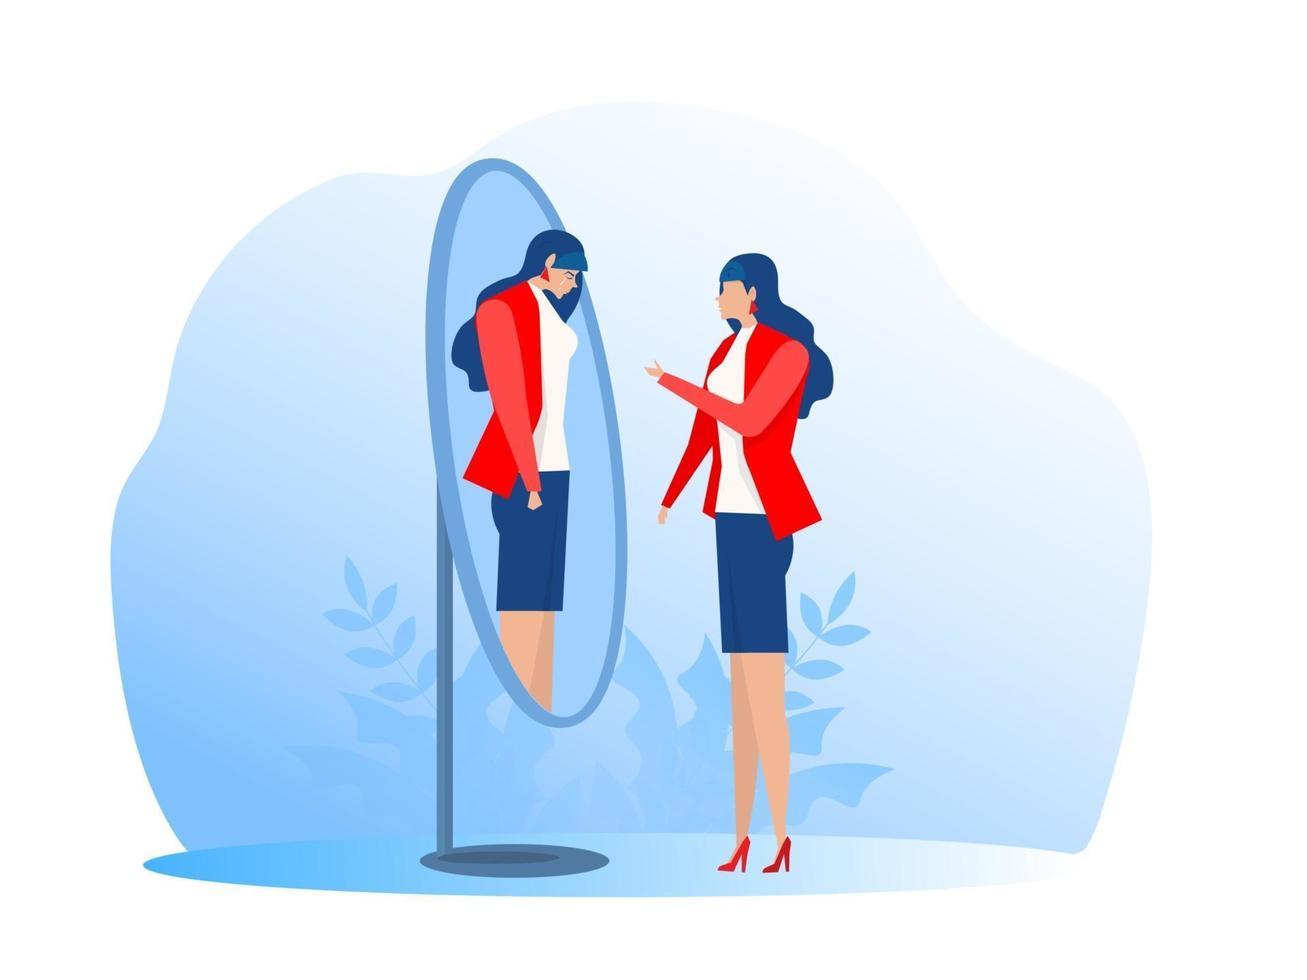 síndrome del impostor expresiones felices o tristes. trastorno bipolar caras falsas y emociones. psicología comportamiento falso o engañador ilustrador vectorial vector